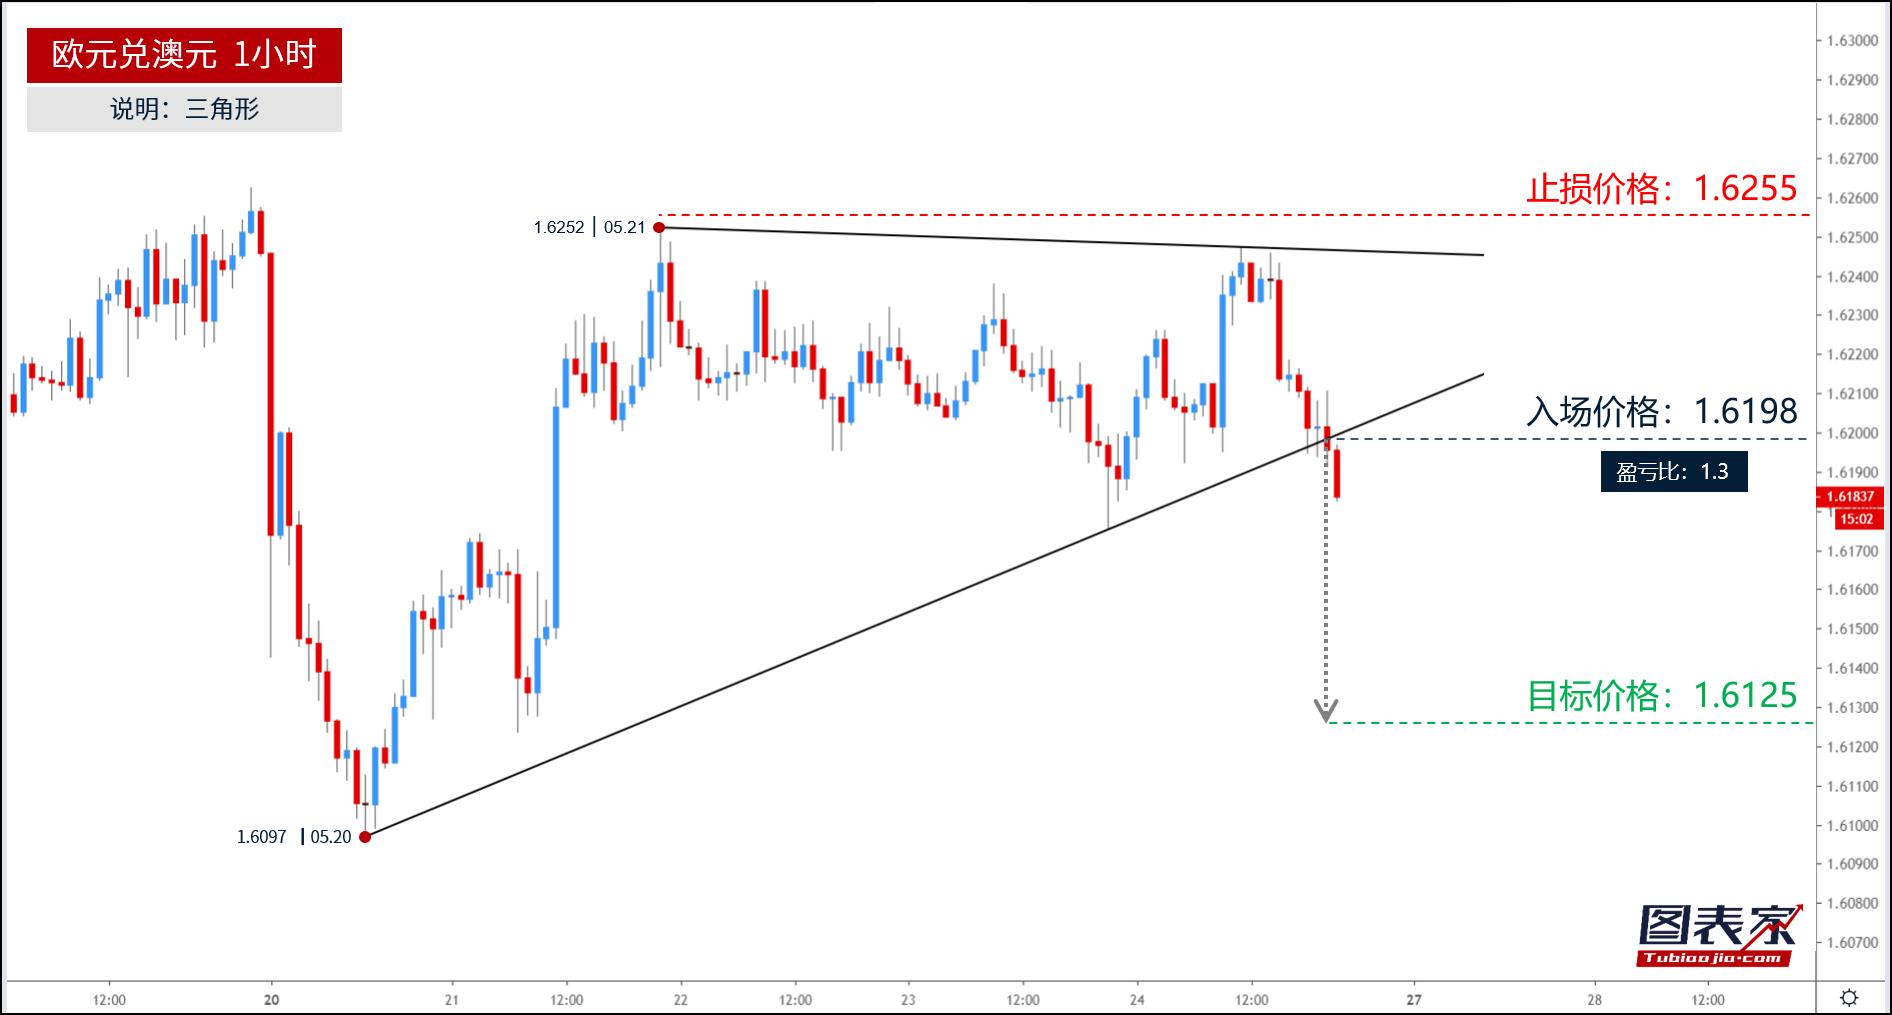 欧元兑澳元跌破三角形下轨,目标见1.6125-图表家